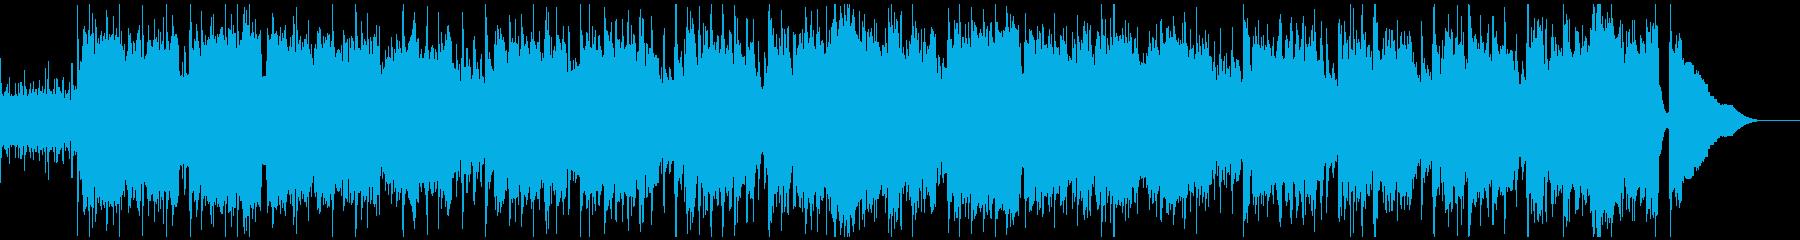 リコーダーとアコギのほのぼのとしたBGMの再生済みの波形